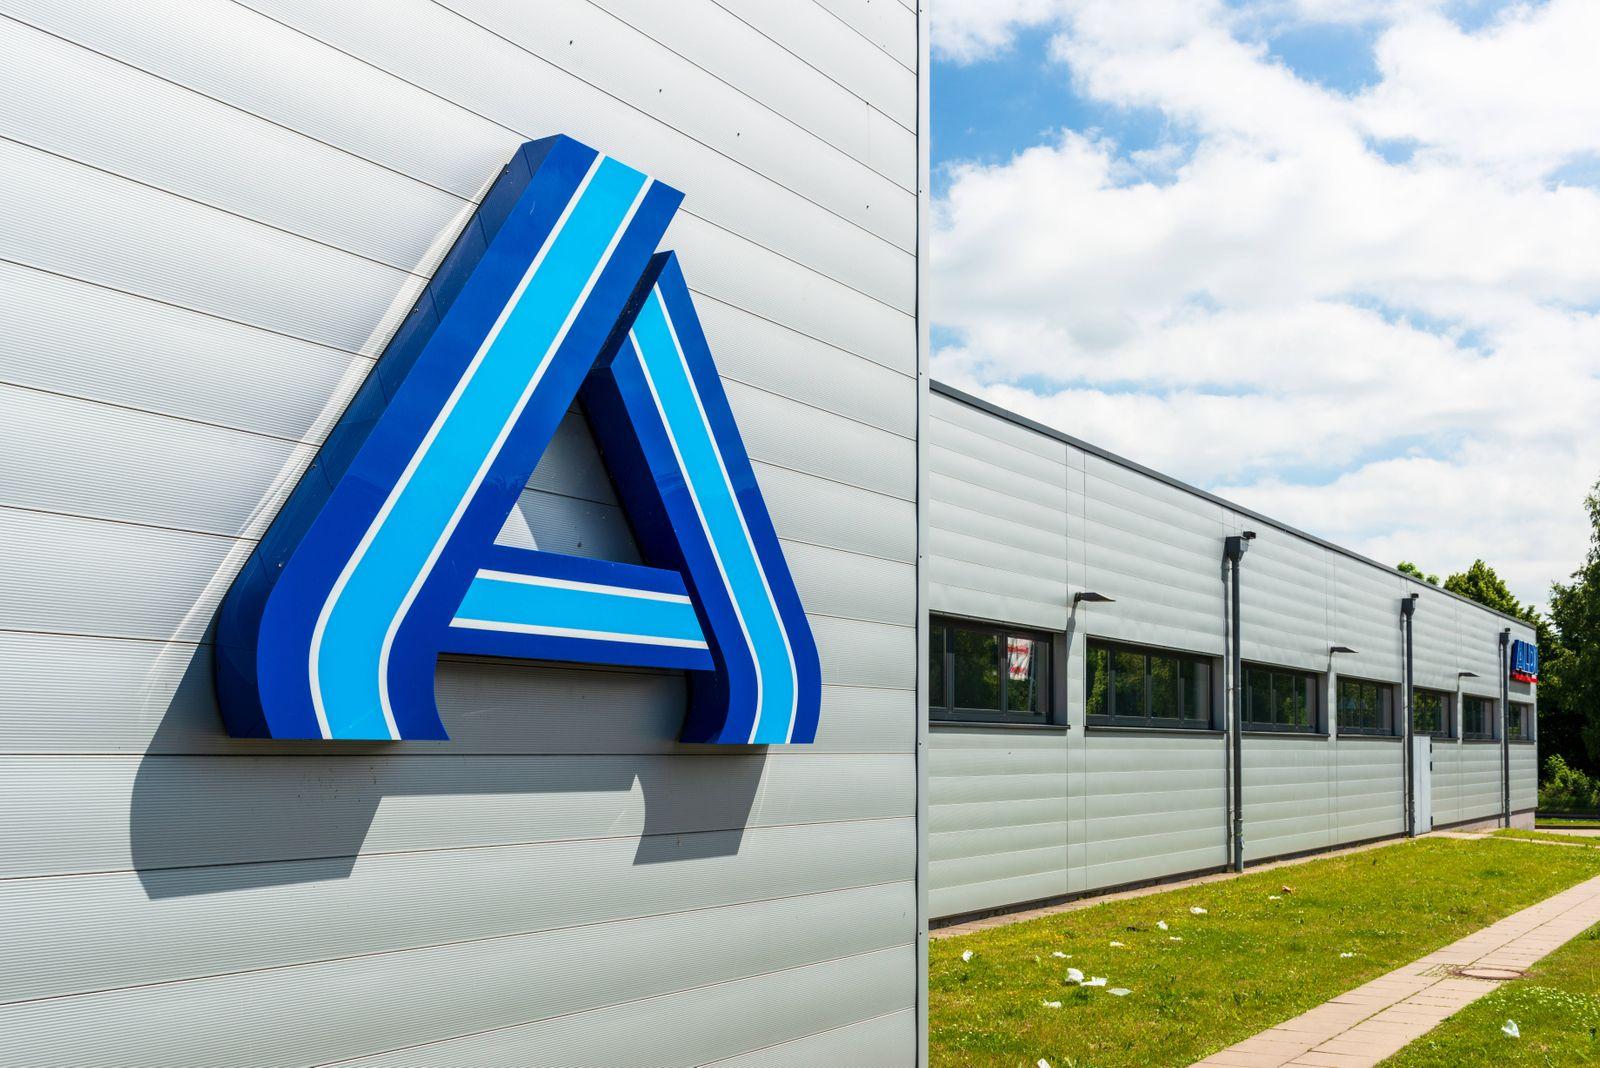 Aldi (Eigenschreibweise ALDI, steht für Albrecht Diskont) bezeichnet die beiden Discount-Einzelhandelsketten Aldi Nord u